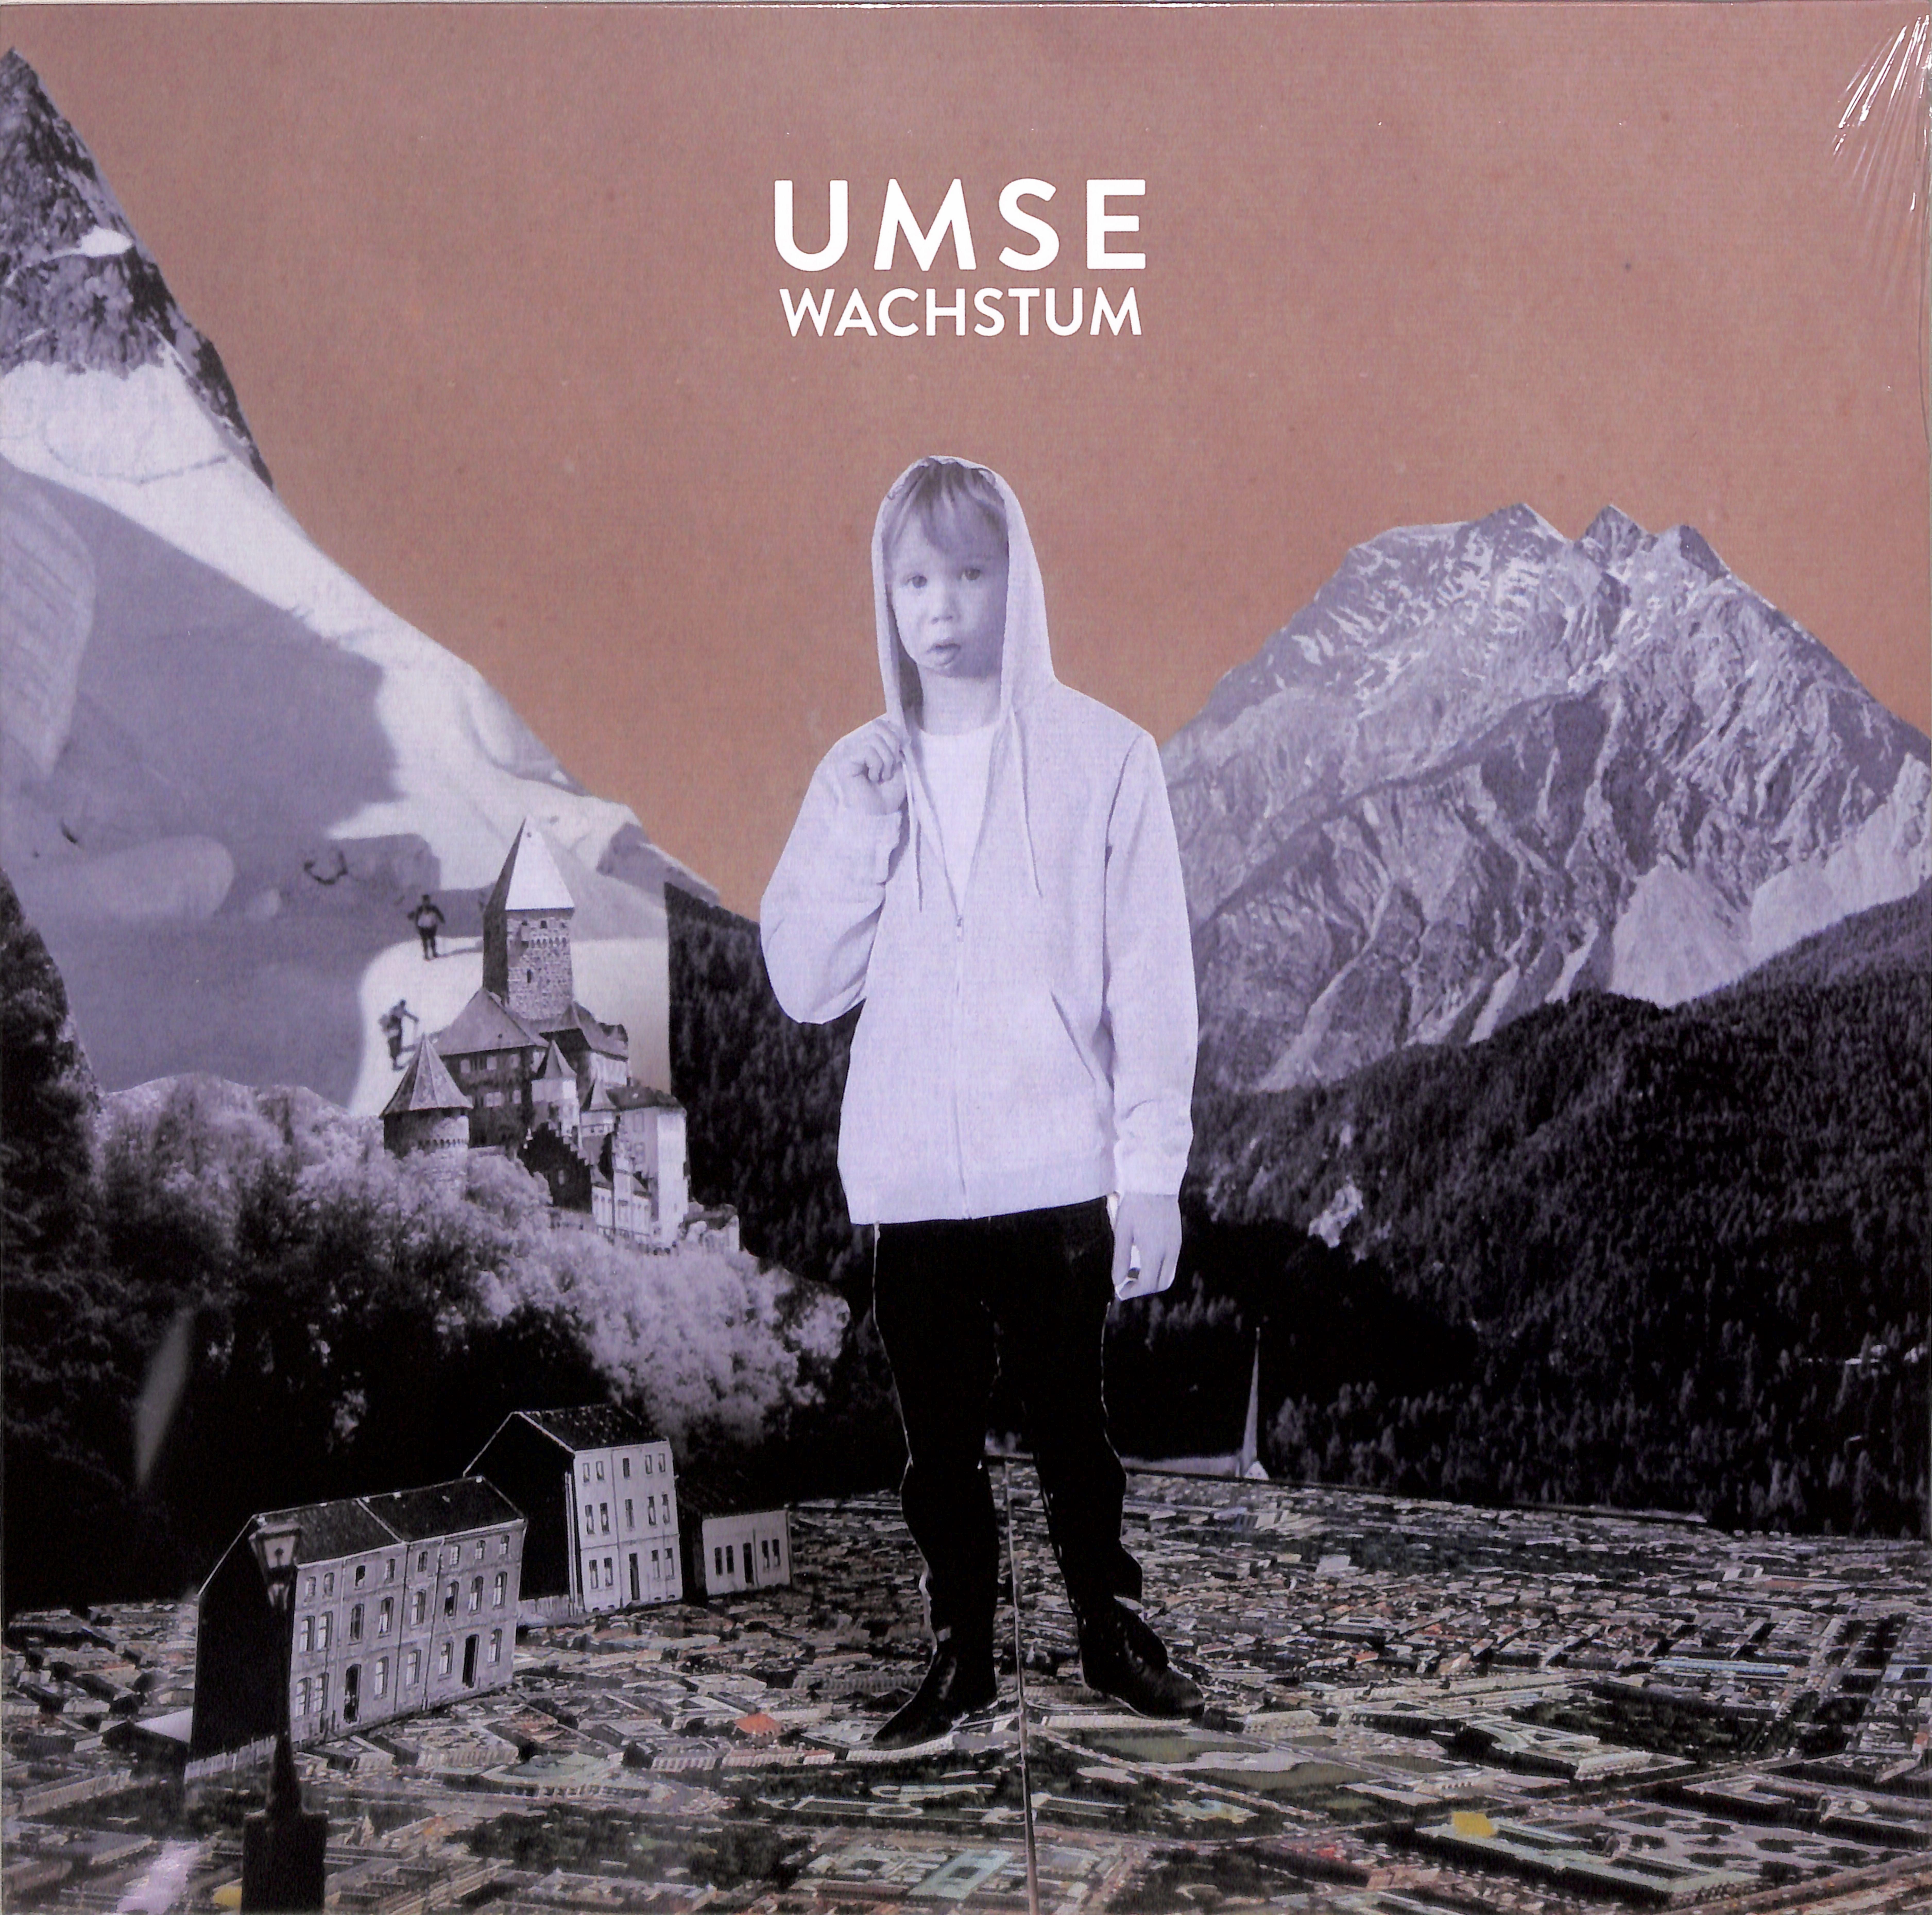 Umse - WACHSTUM